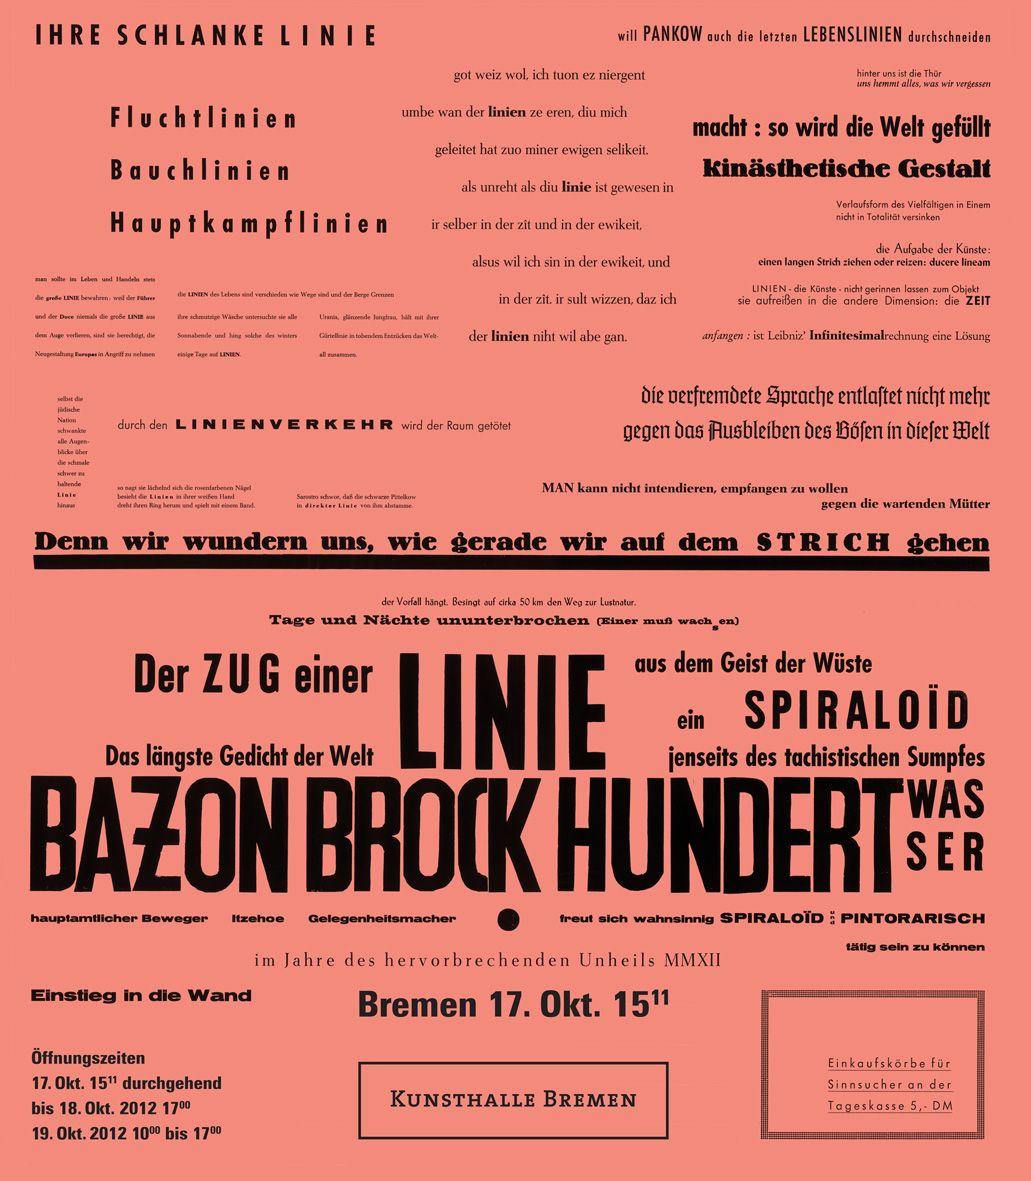 Die Linie von Hamburg - Bazon Brock